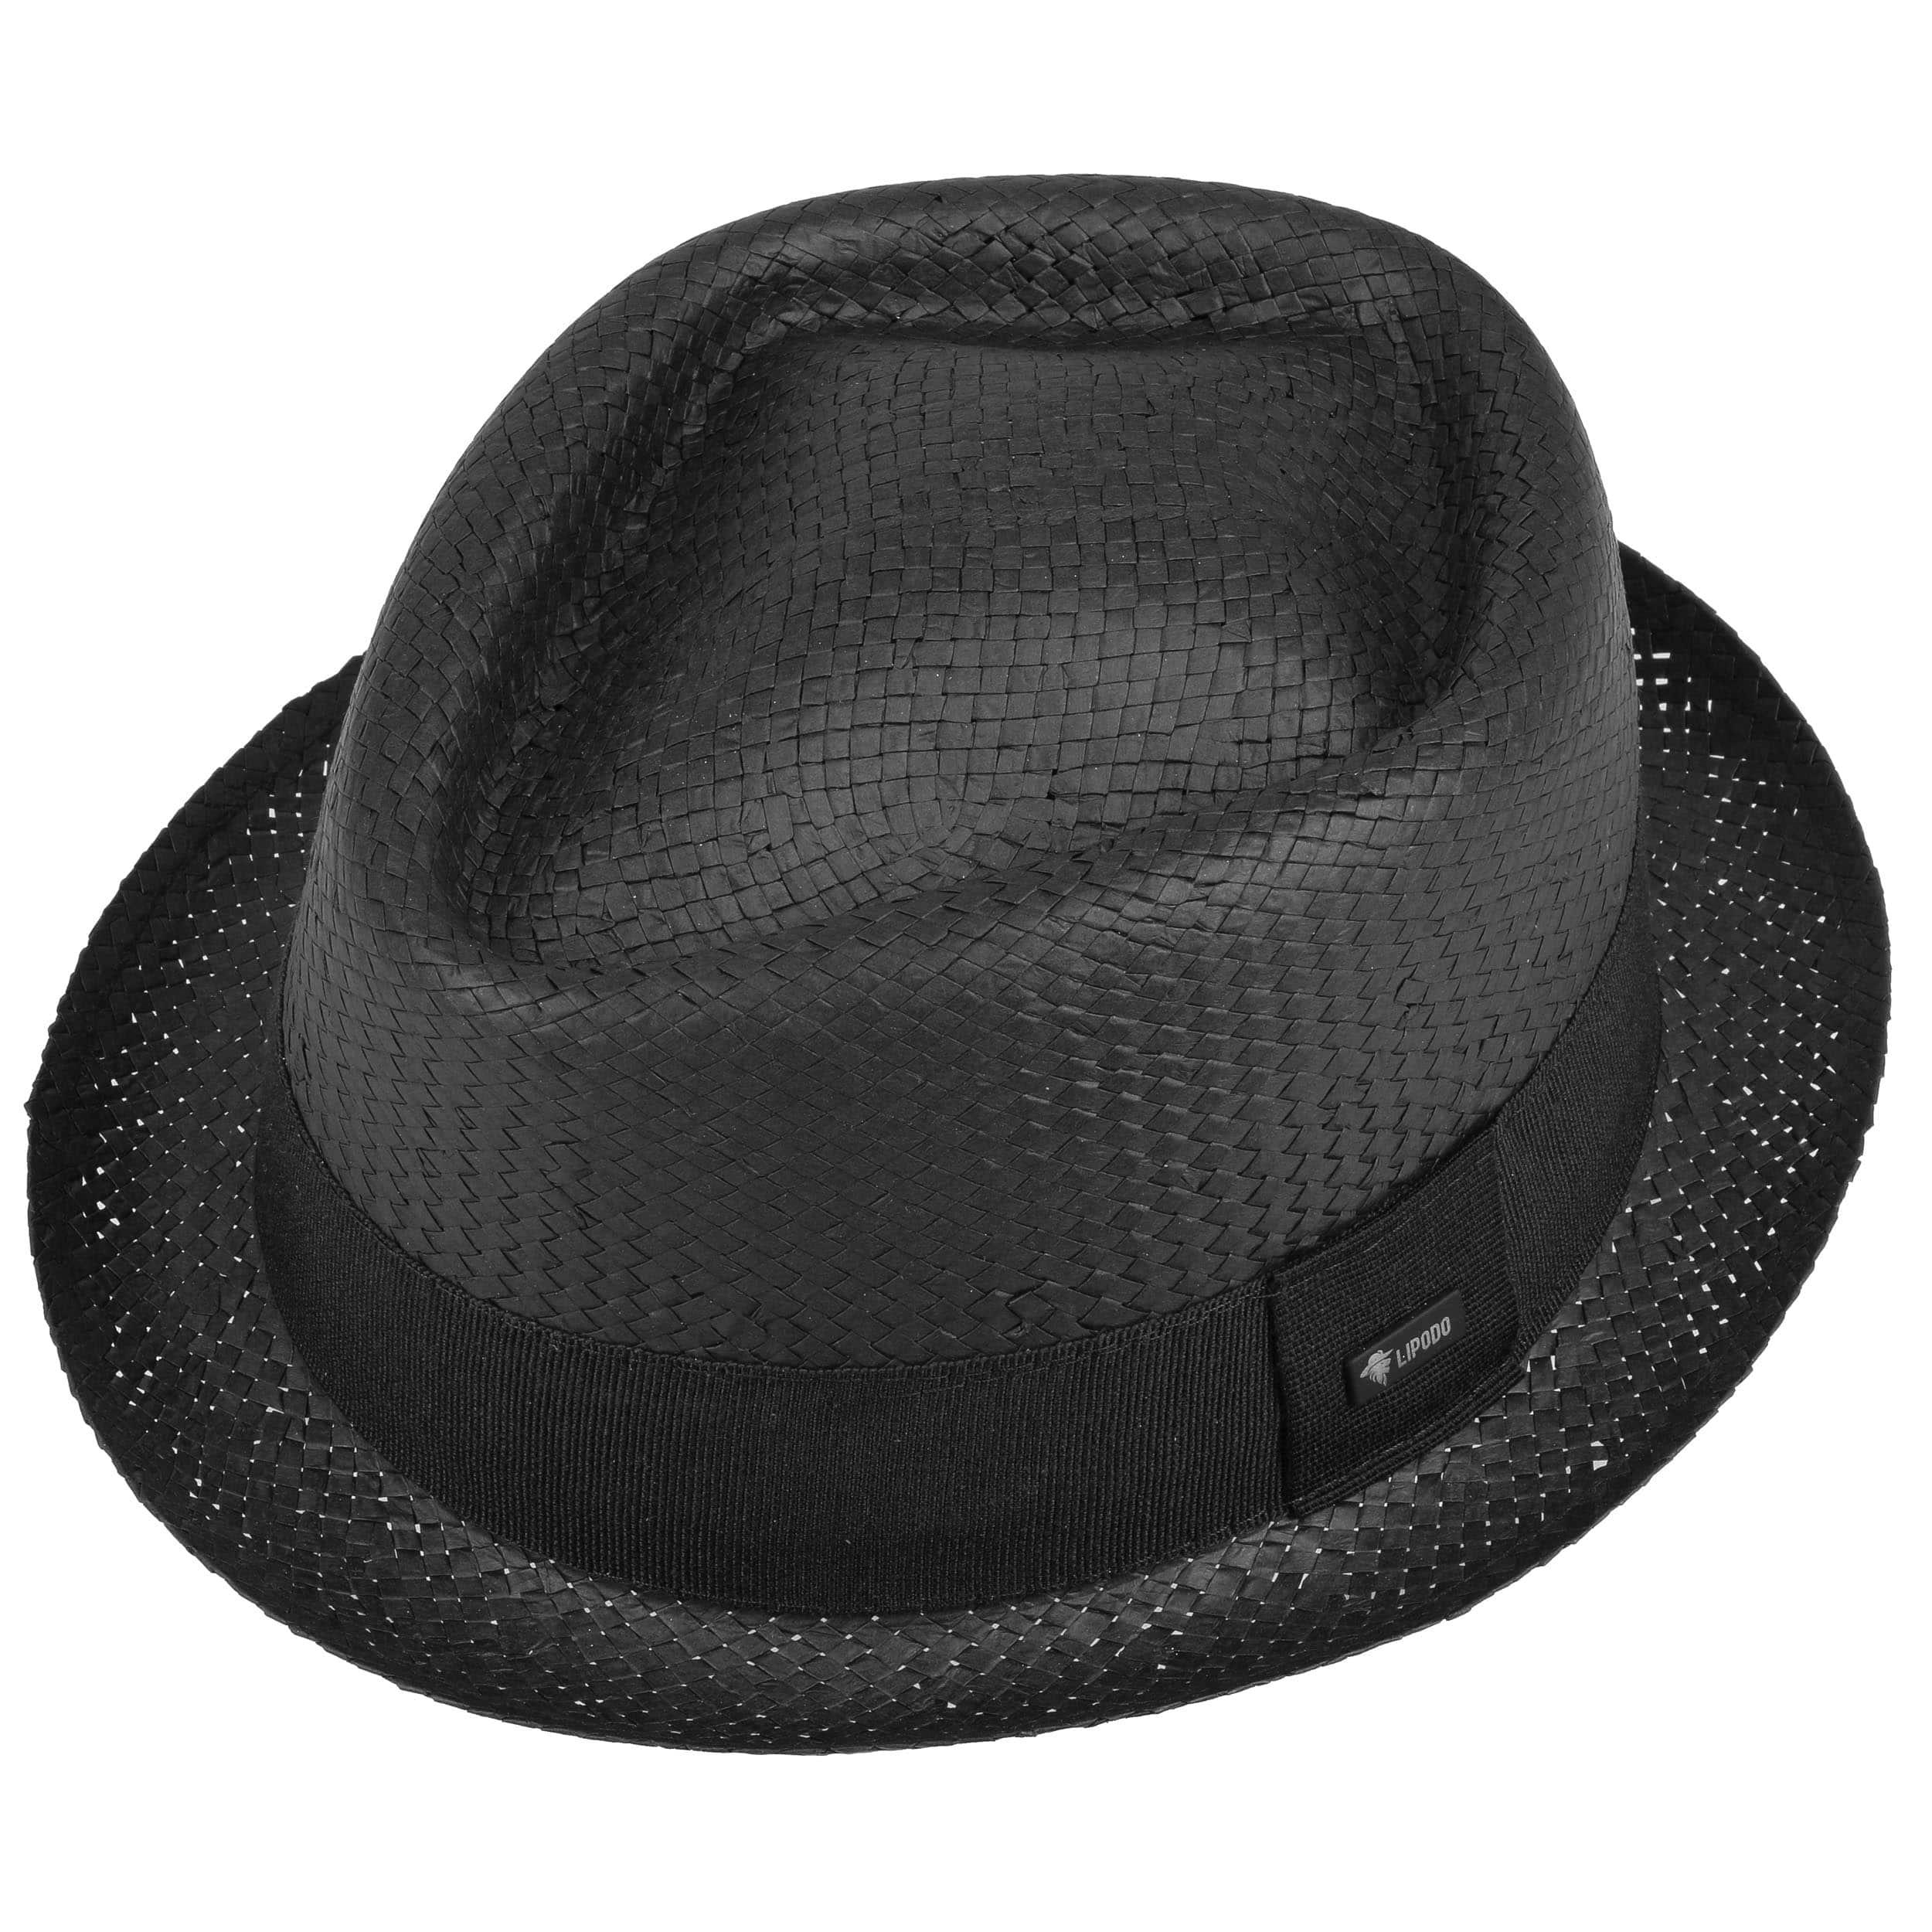 b112e60df16 Acapulco Black Pork Pie Straw Hat by Lipodo - black 1 ...